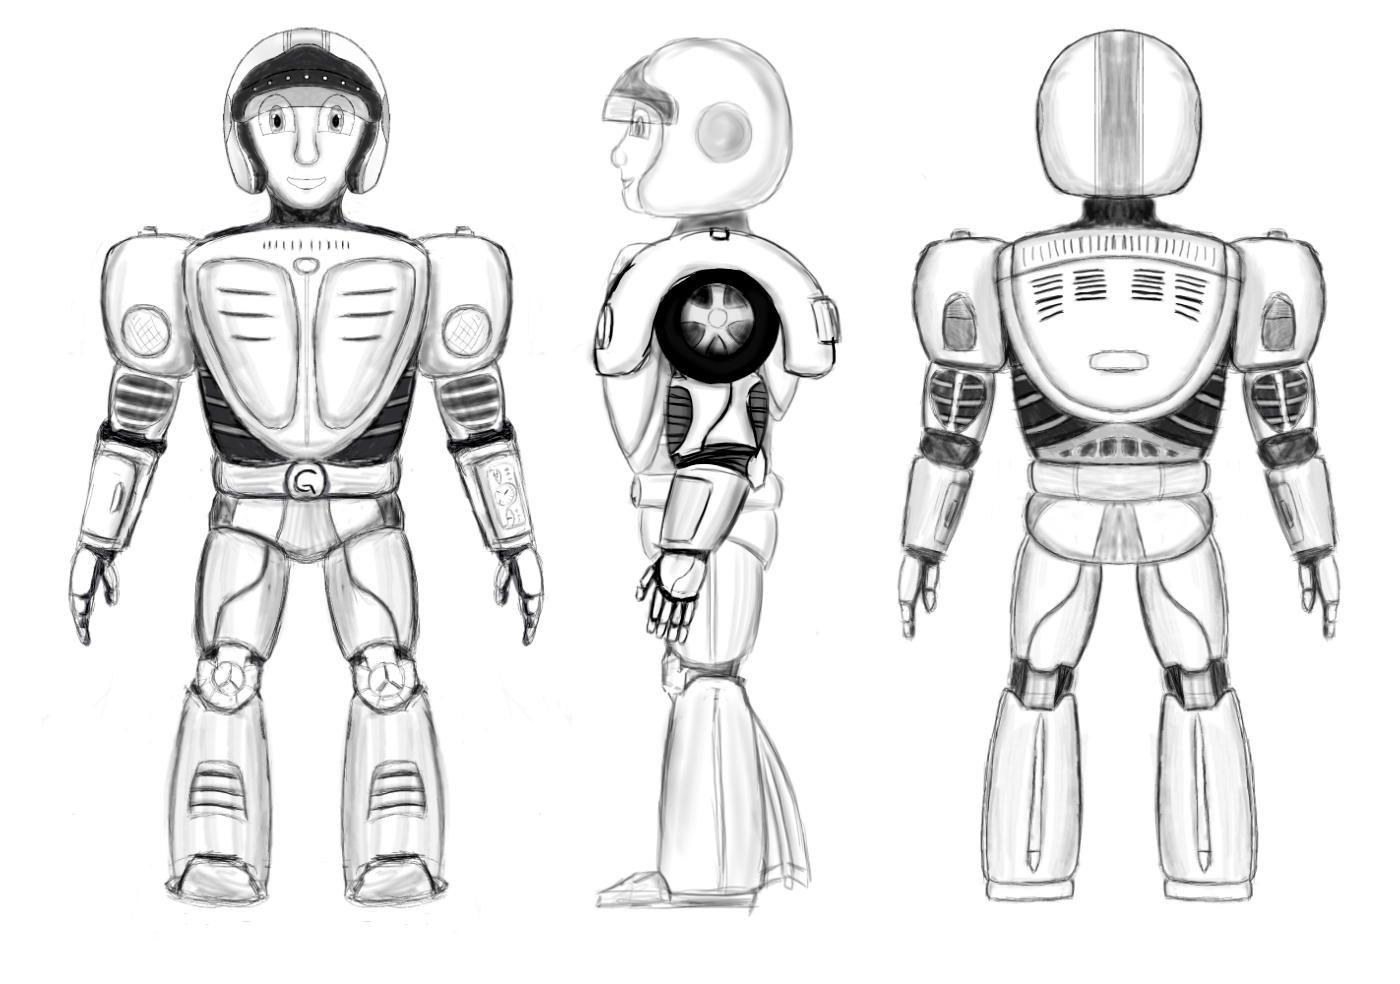 GMan_3D_Mascot_Concept_Design